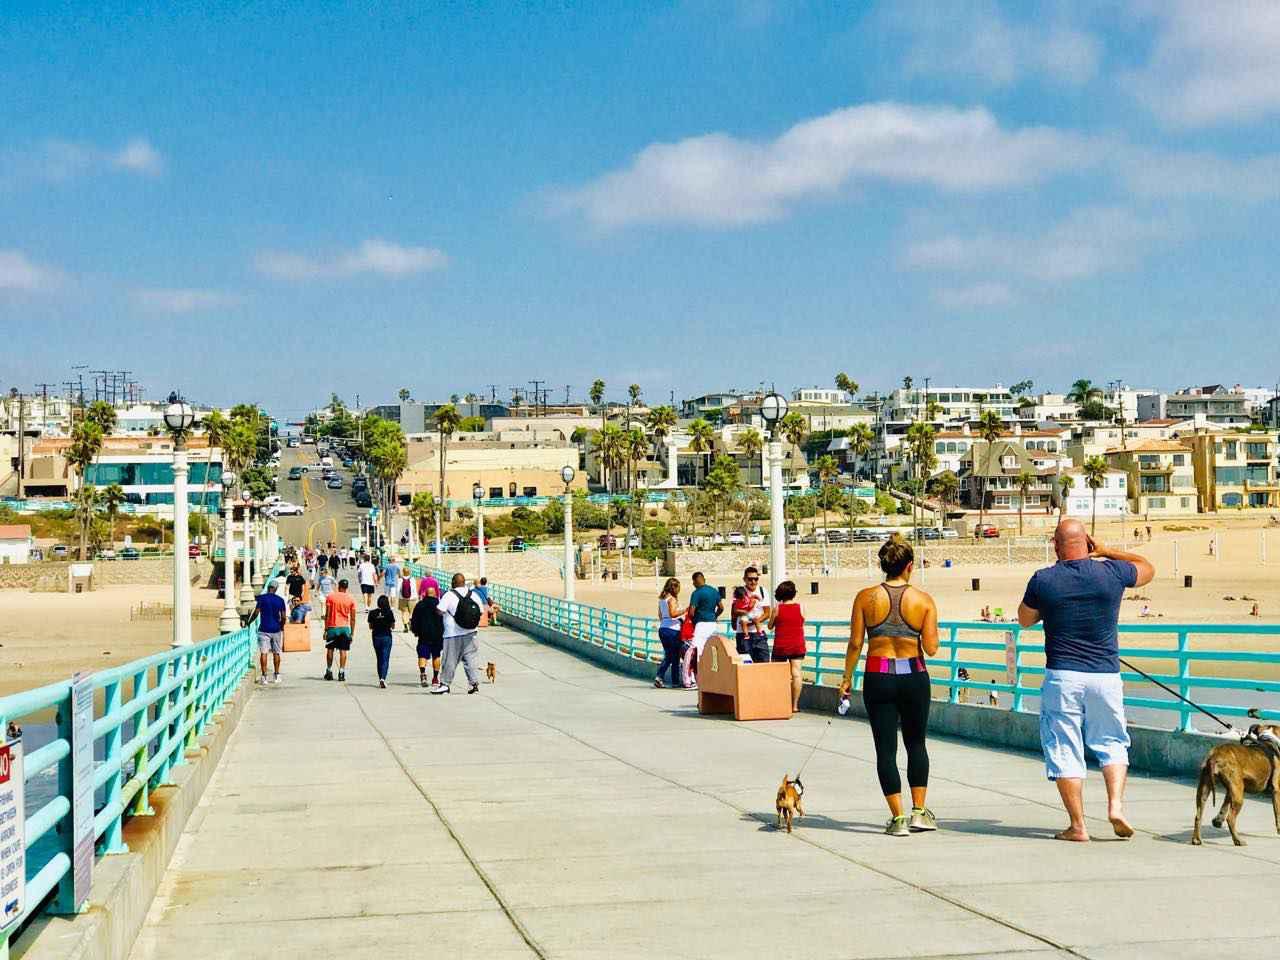 画像1: 現地の人が集まる穴場 Manhattan Beach(マンハッタンビーチ)&Metlox(メトロックス)